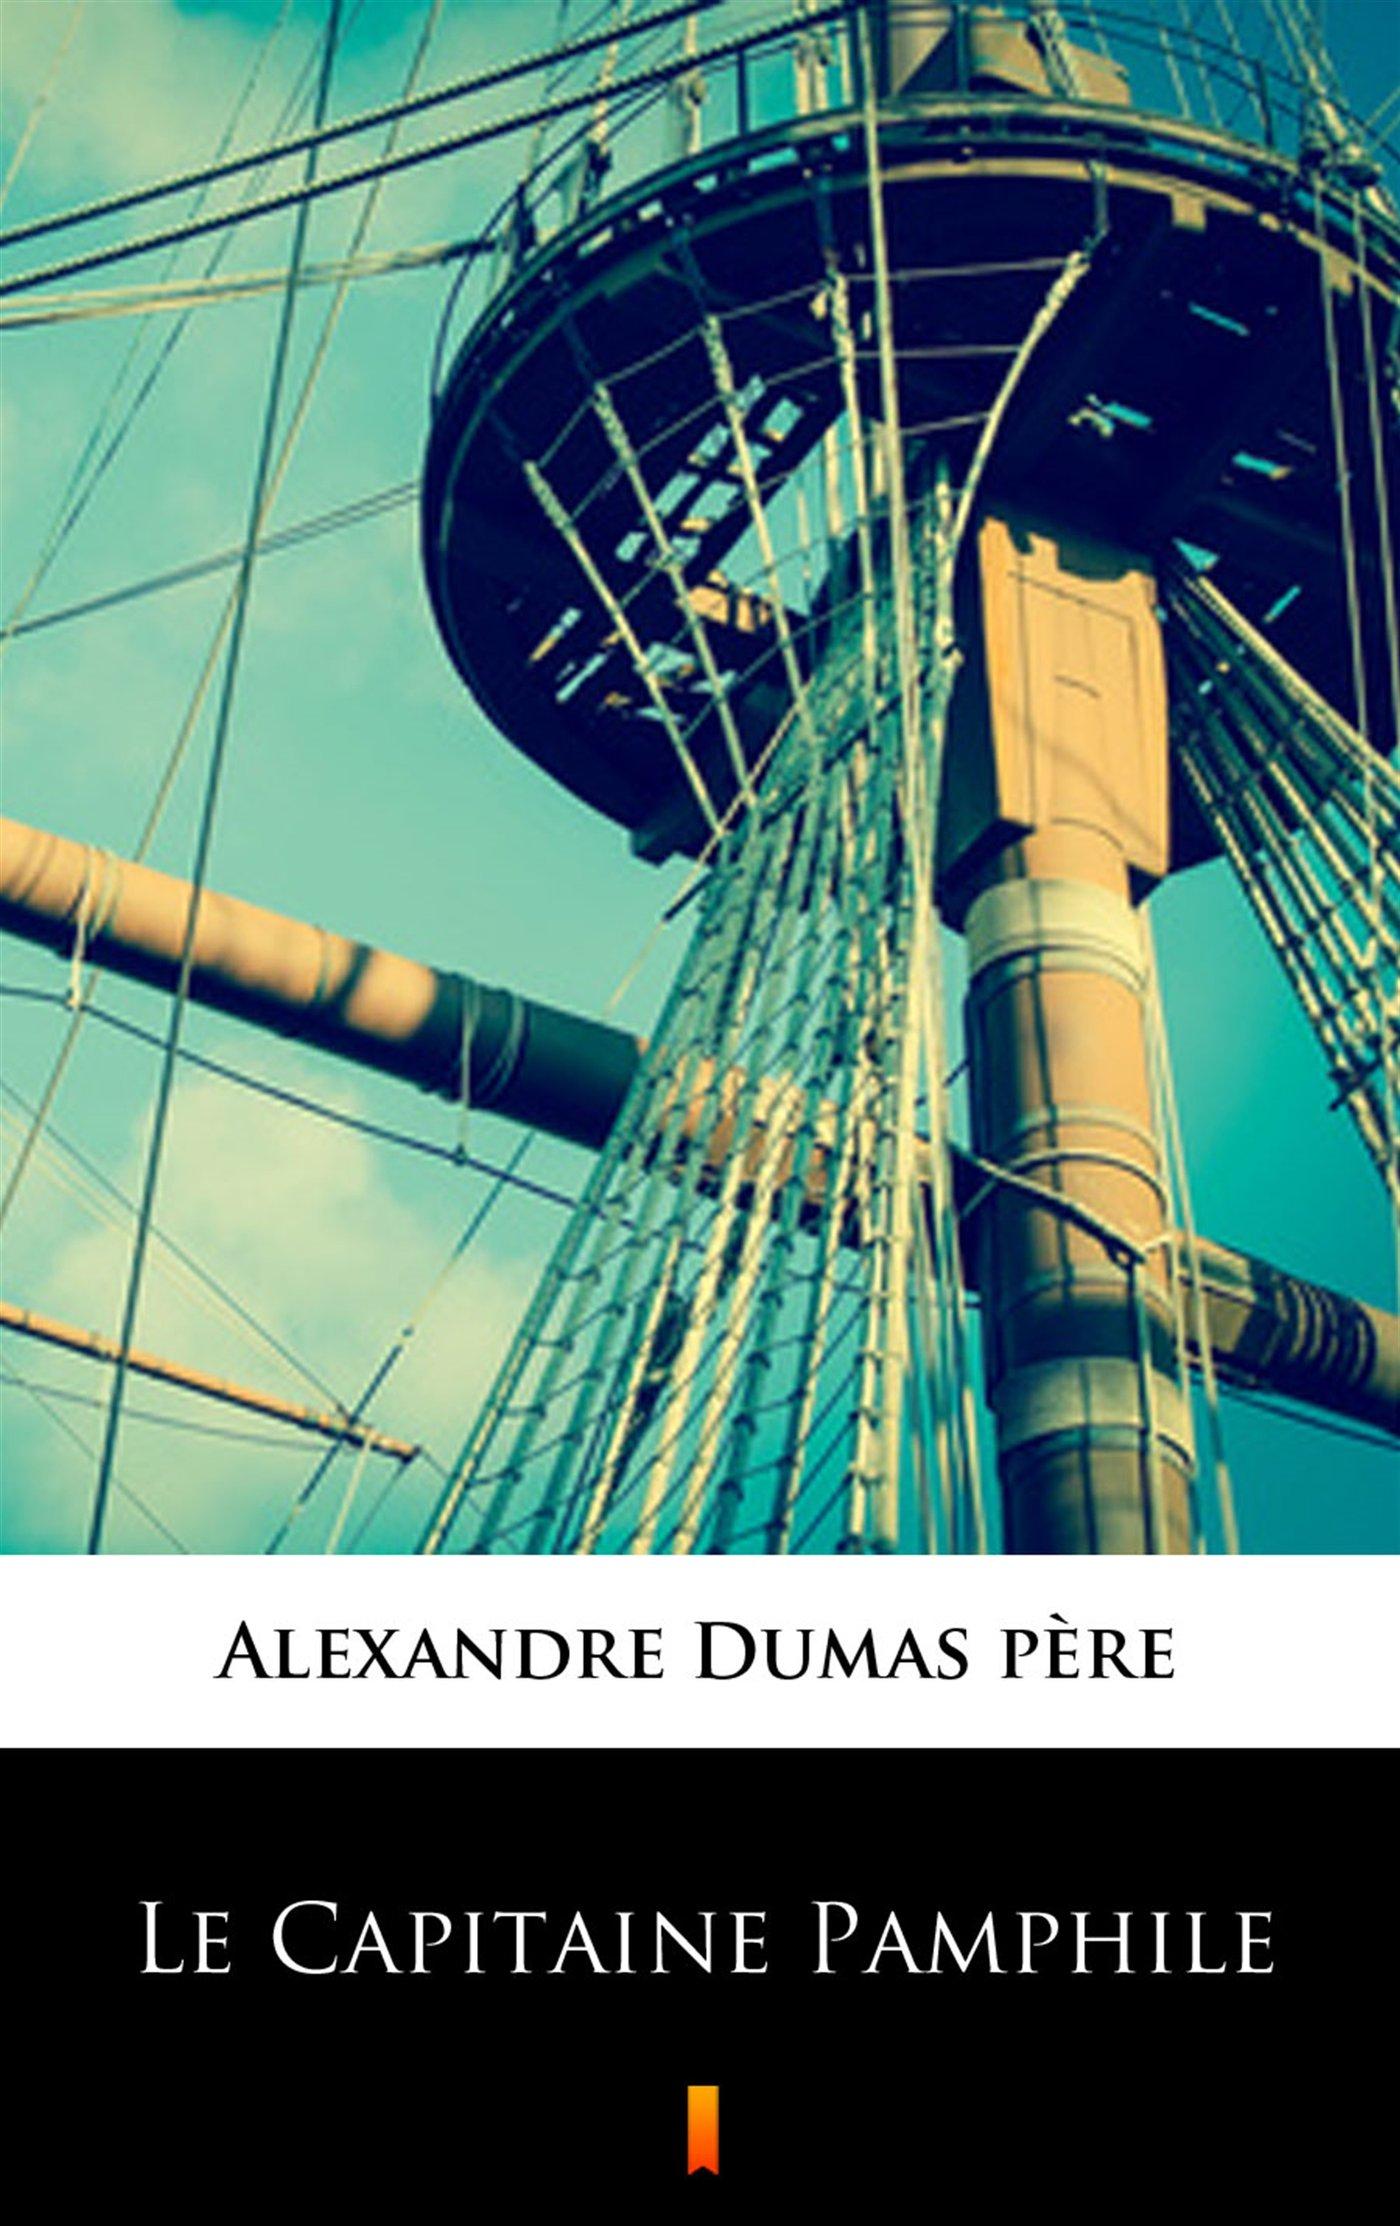 Le Capitaine Pamphile - Ebook (Książka EPUB) do pobrania w formacie EPUB